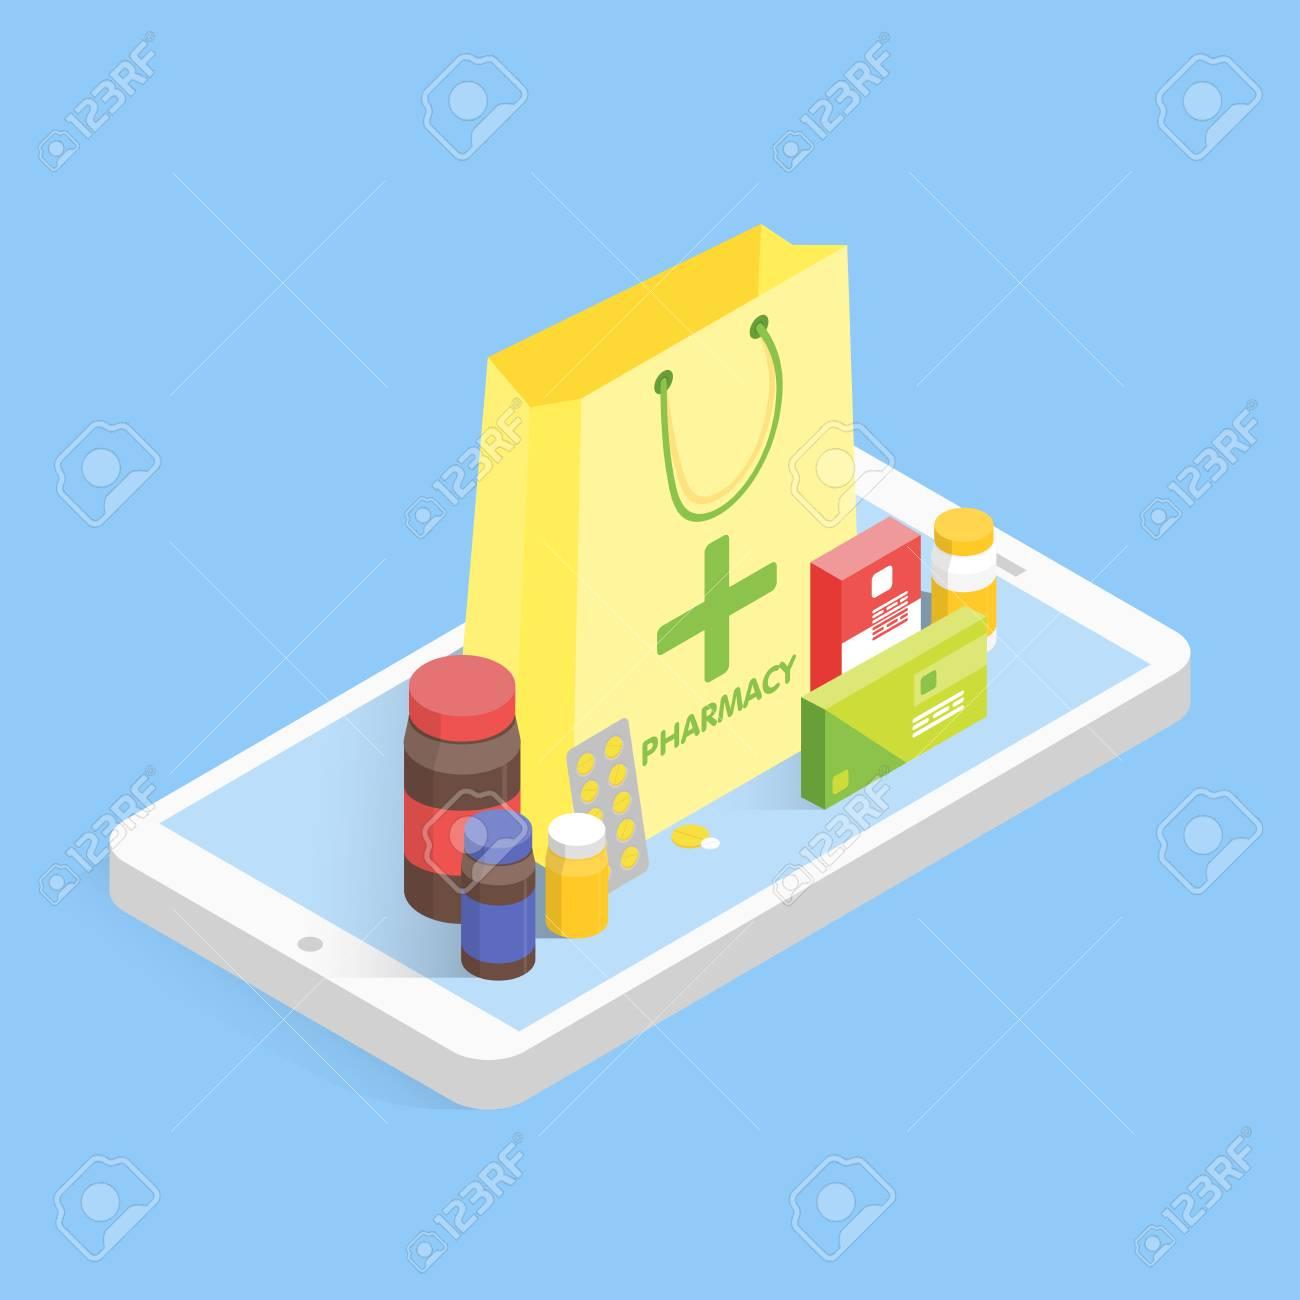 近代的な薬局とドラッグ ストアの概念等尺性携帯電話販売薬を買う